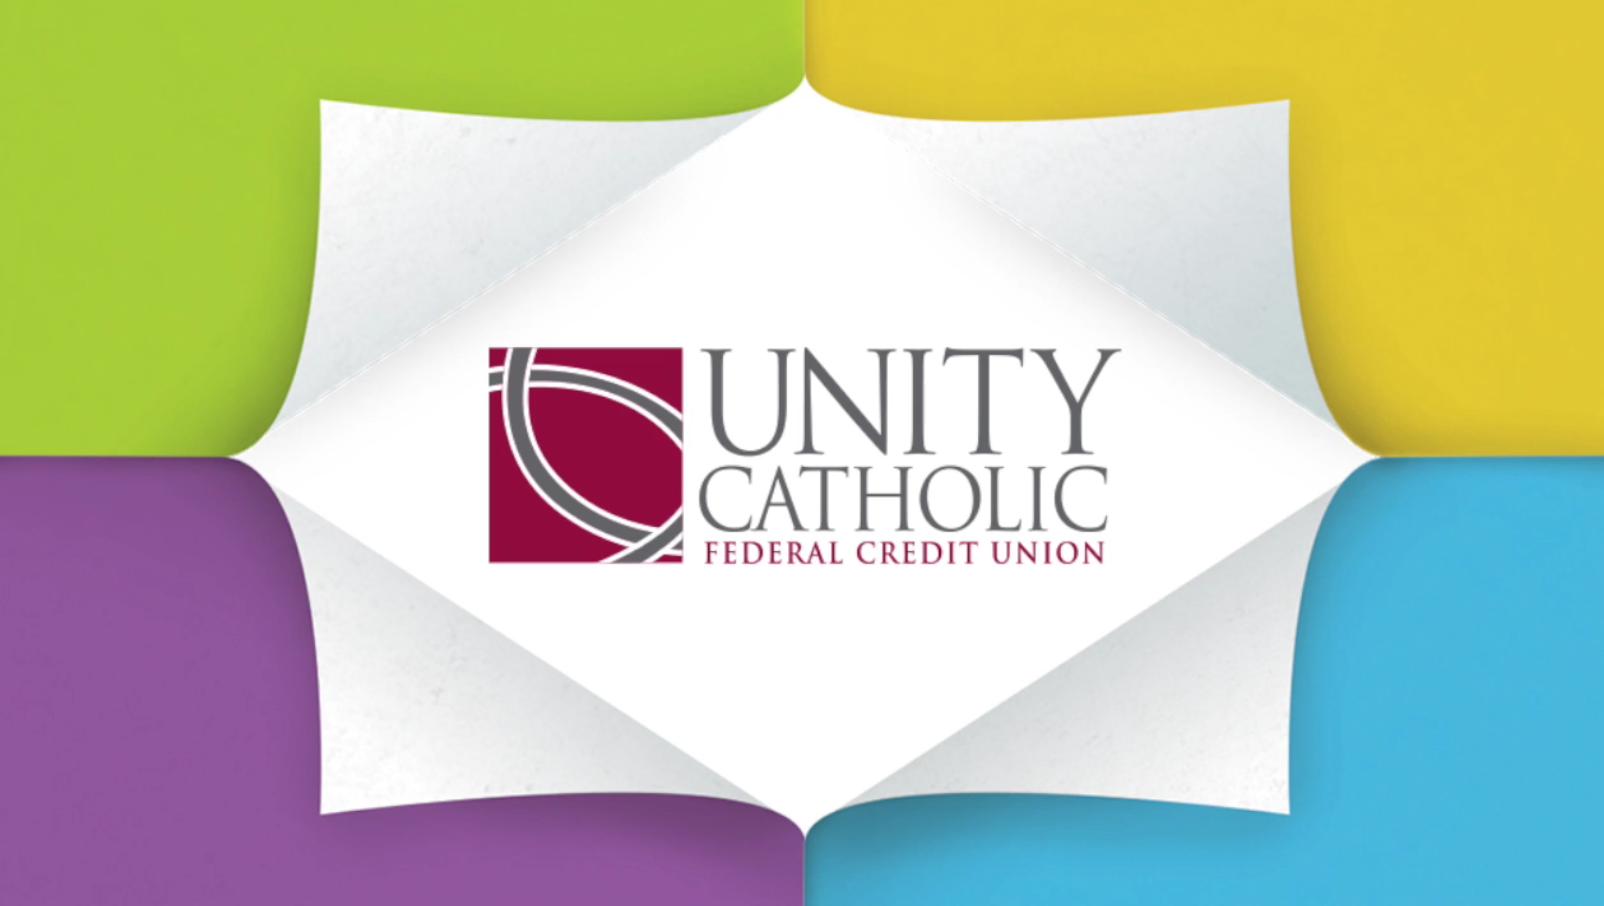 Unity Catholic FCU